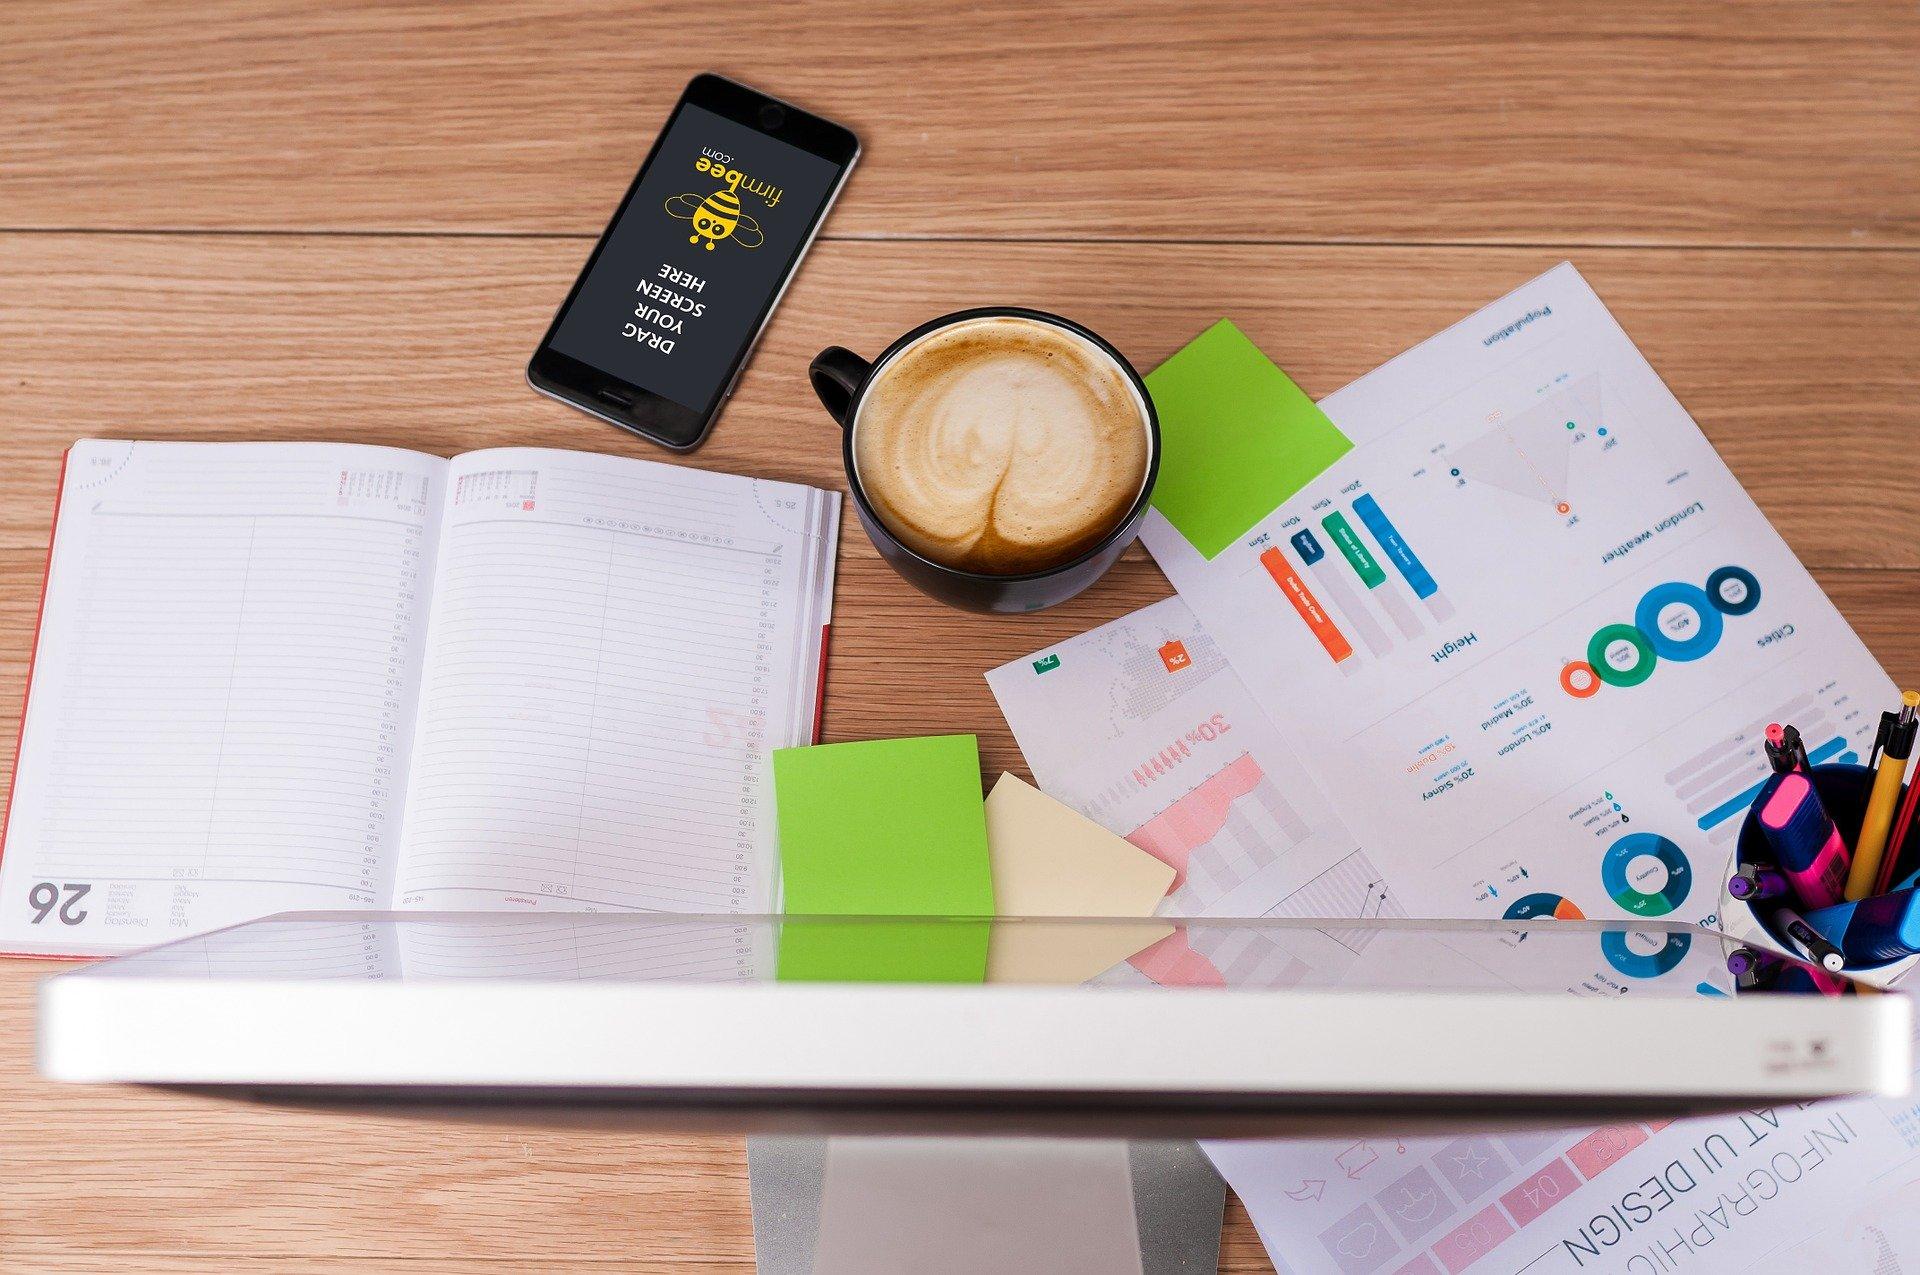 Tisch von oben, mit Computerbildschirm, Smartphone, Tasse Cappuccino, Blättern und Notizzetteln